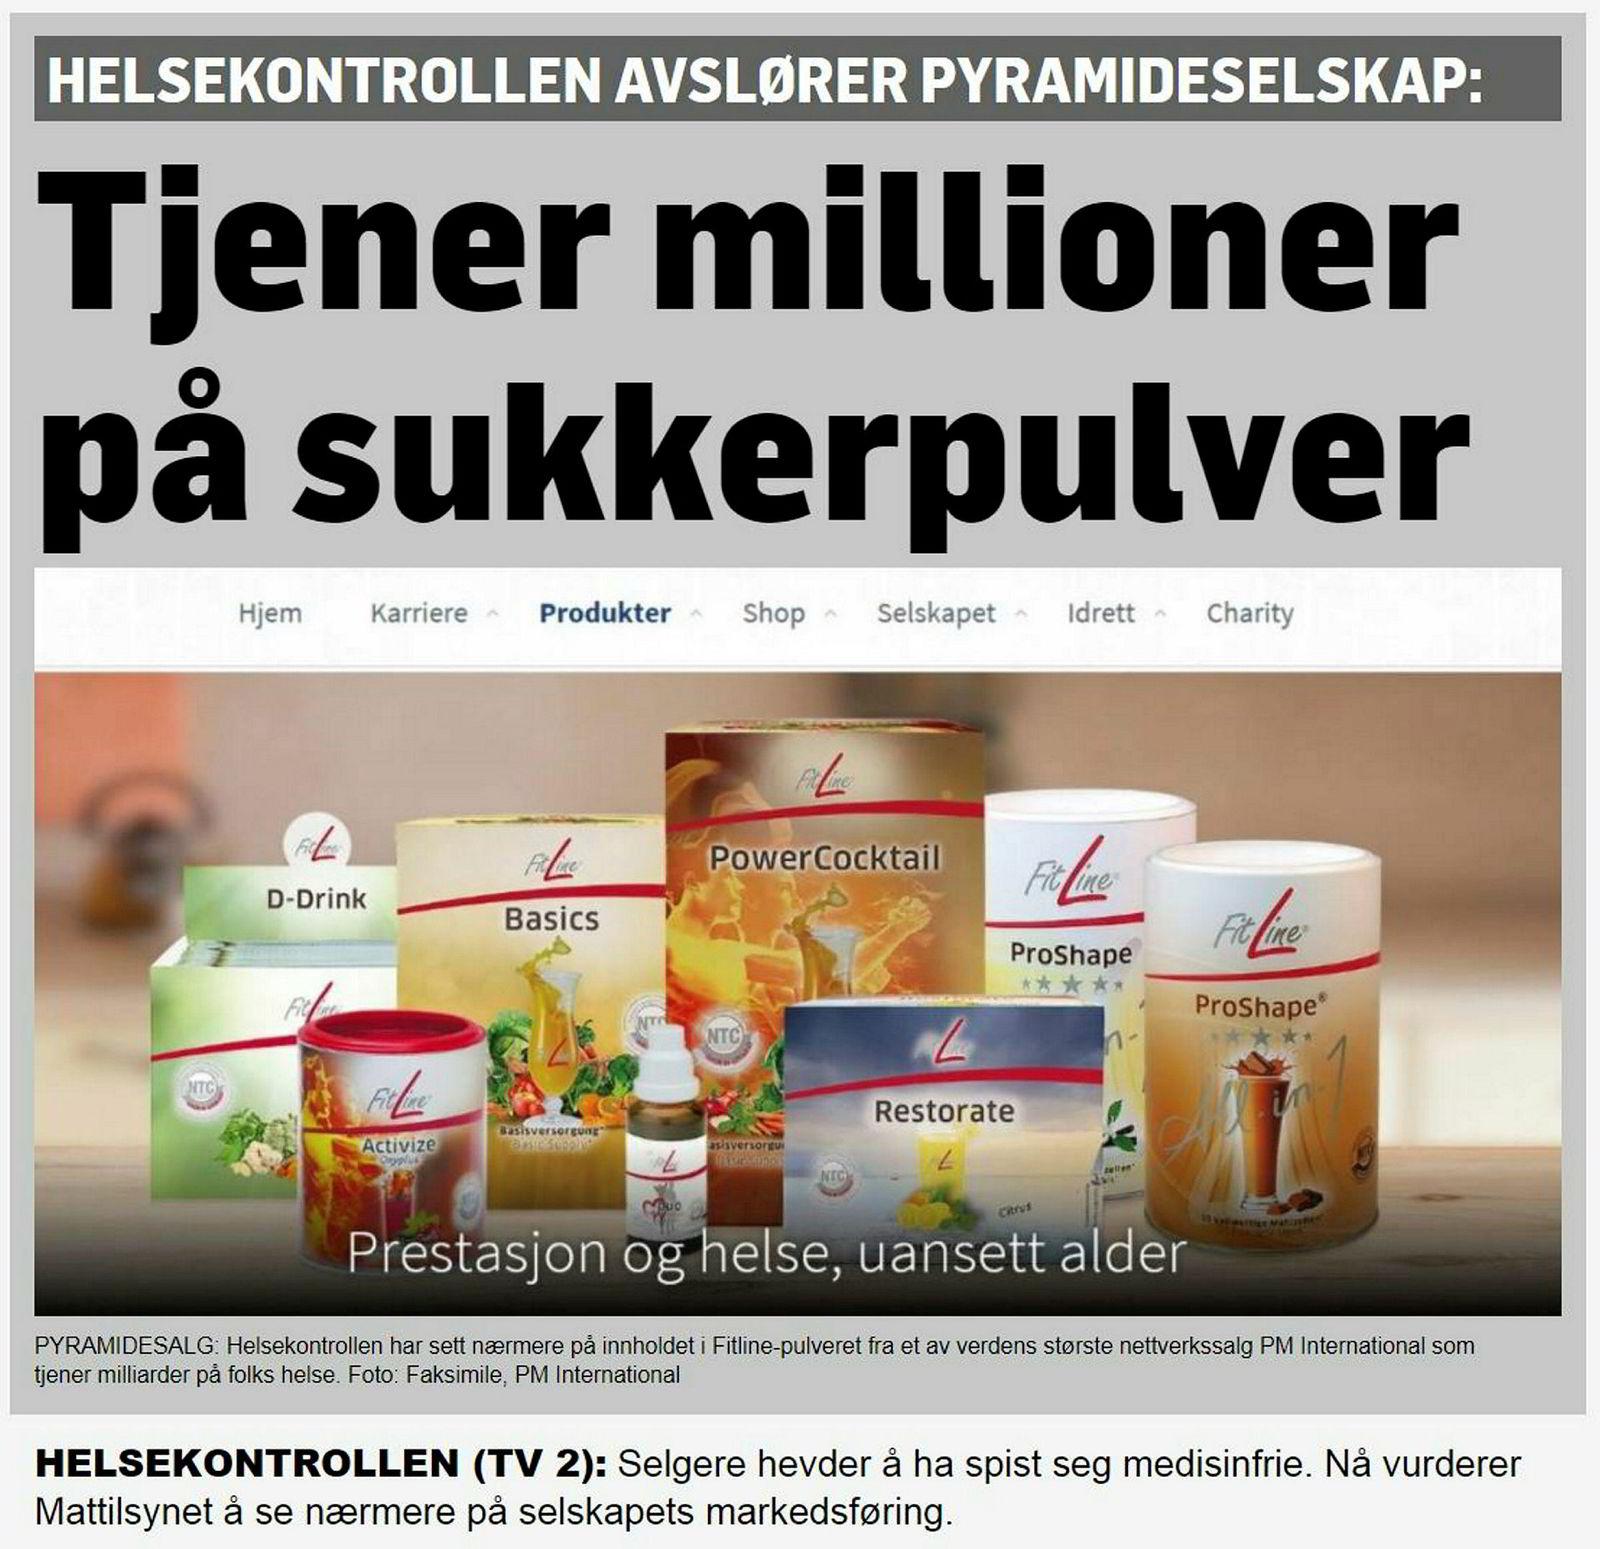 Slik ser «Helsekontrollen»-reportasjen om Fitline-pulveret og produsent PM International ut på TV 2s nettsider.